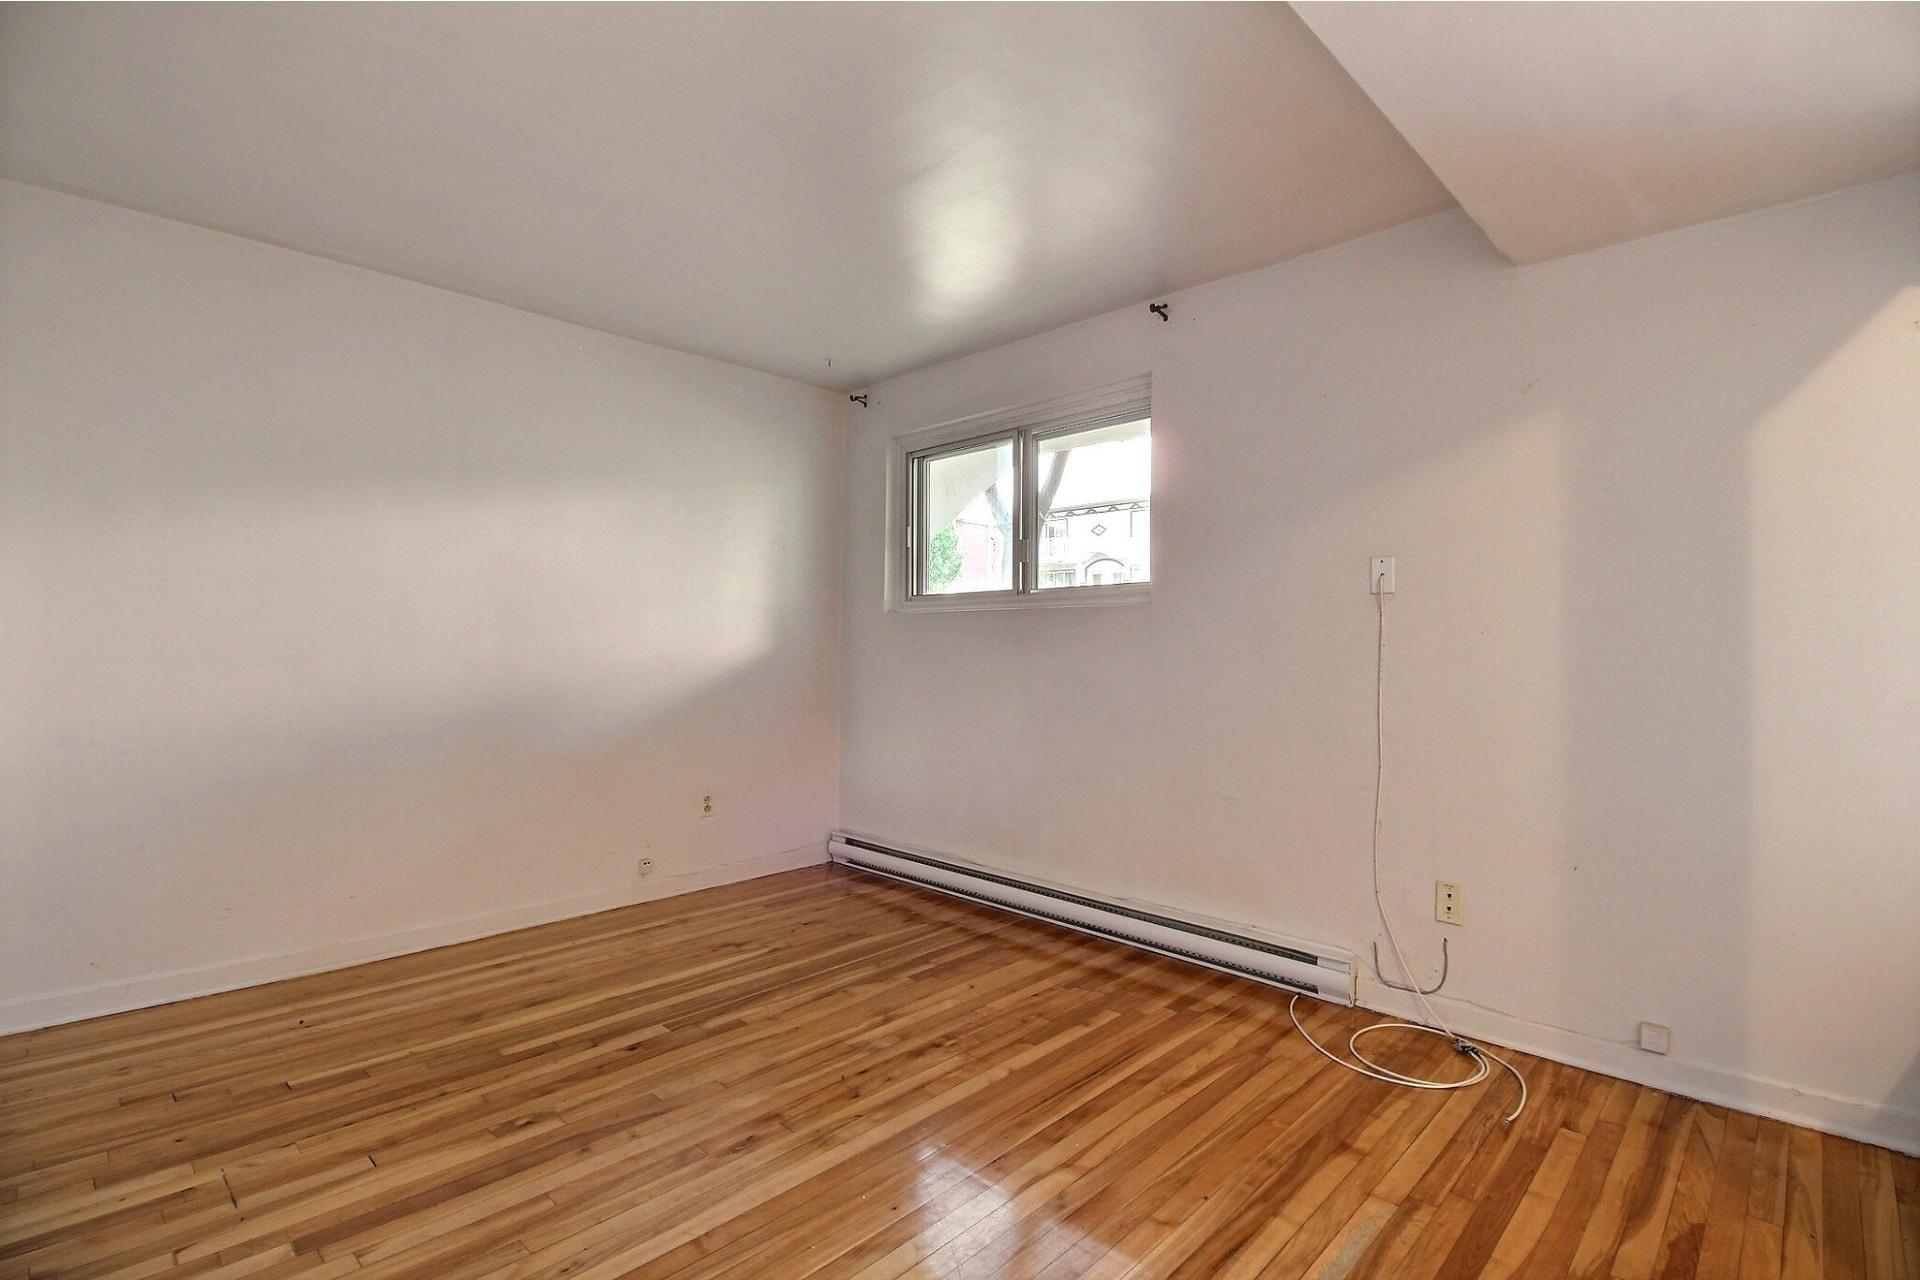 image 9 - Apartment For rent Saint-Léonard Montréal  - 4 rooms